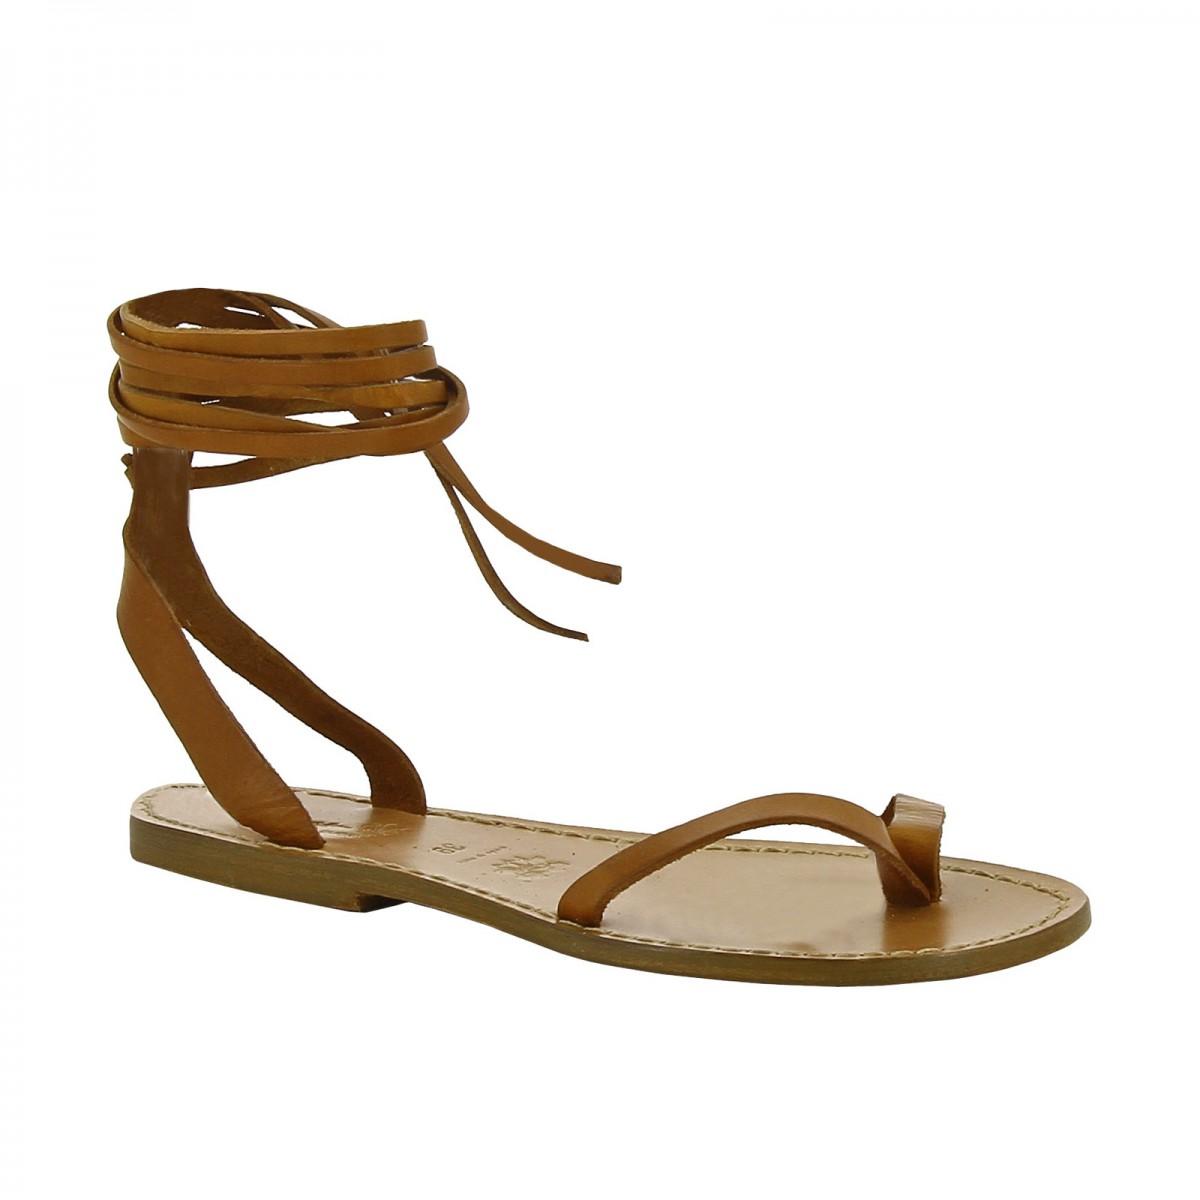 5a45e03c748da Hecho a mano sandalias de tiras planas de cuero marrón. Loading zoom